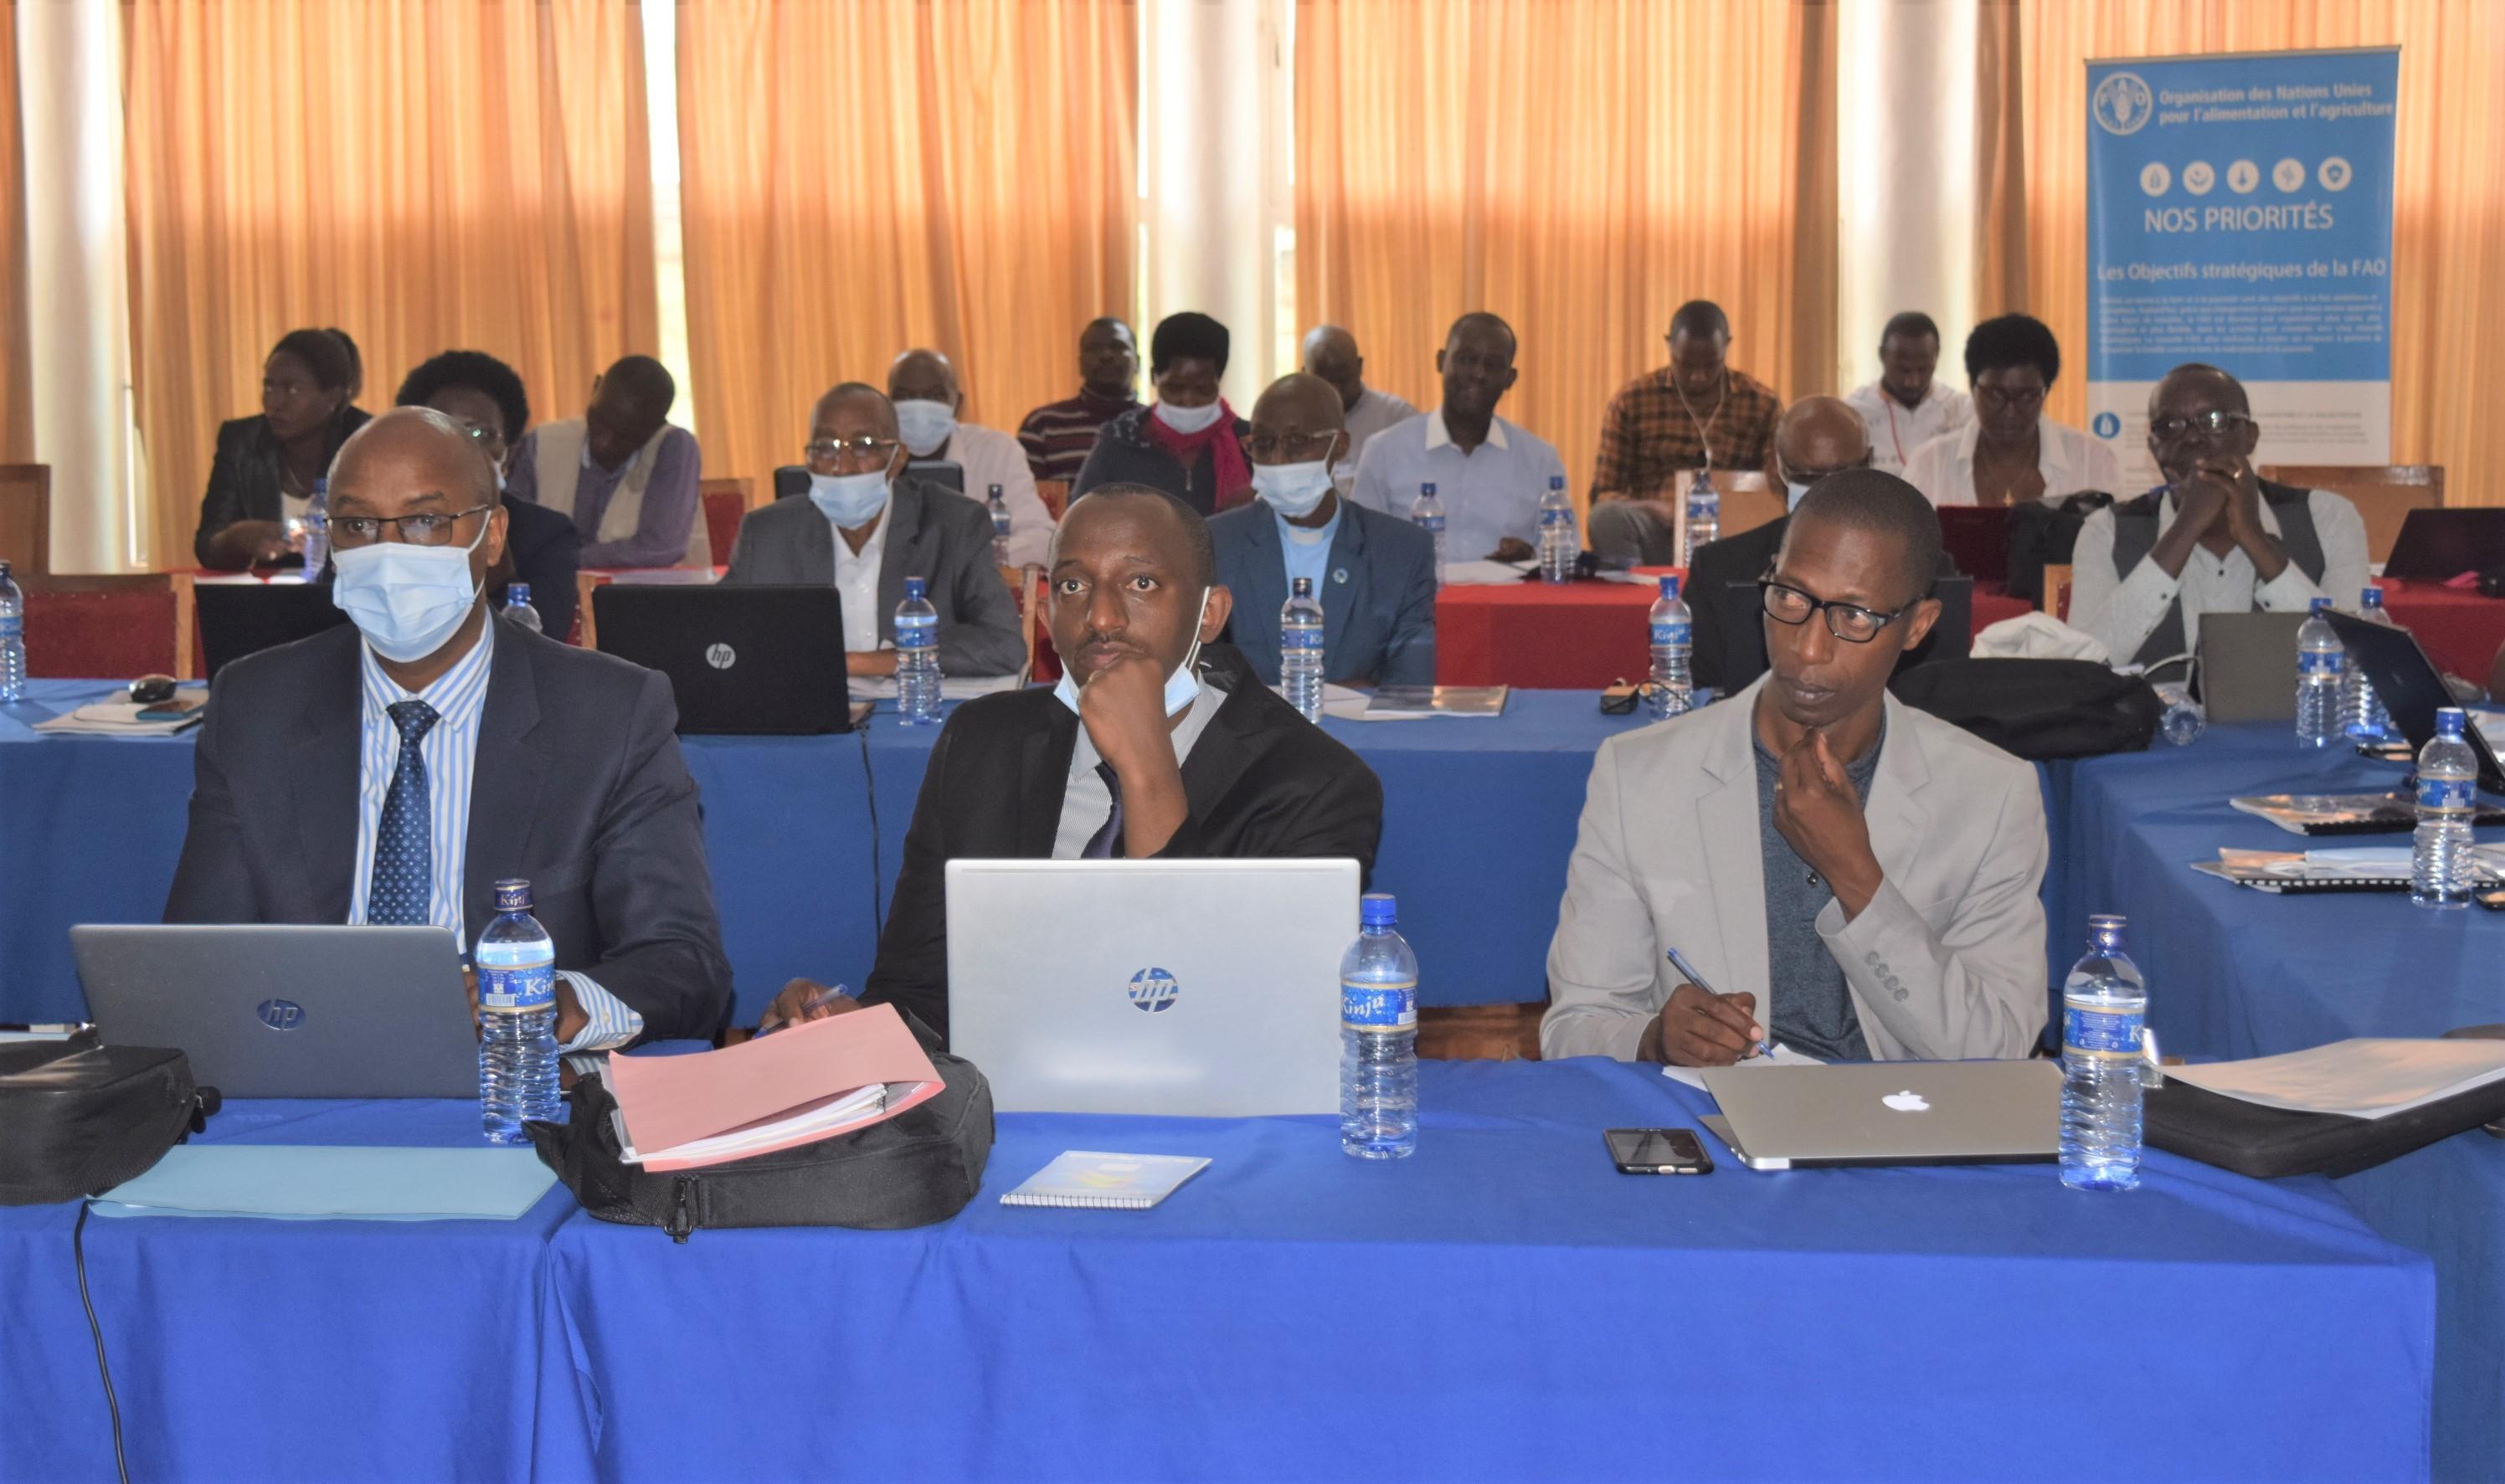 Processus d'accréditation du Burundi auprès du Secrétariat du « Fonds d'Adaptation » aux changements climatiques